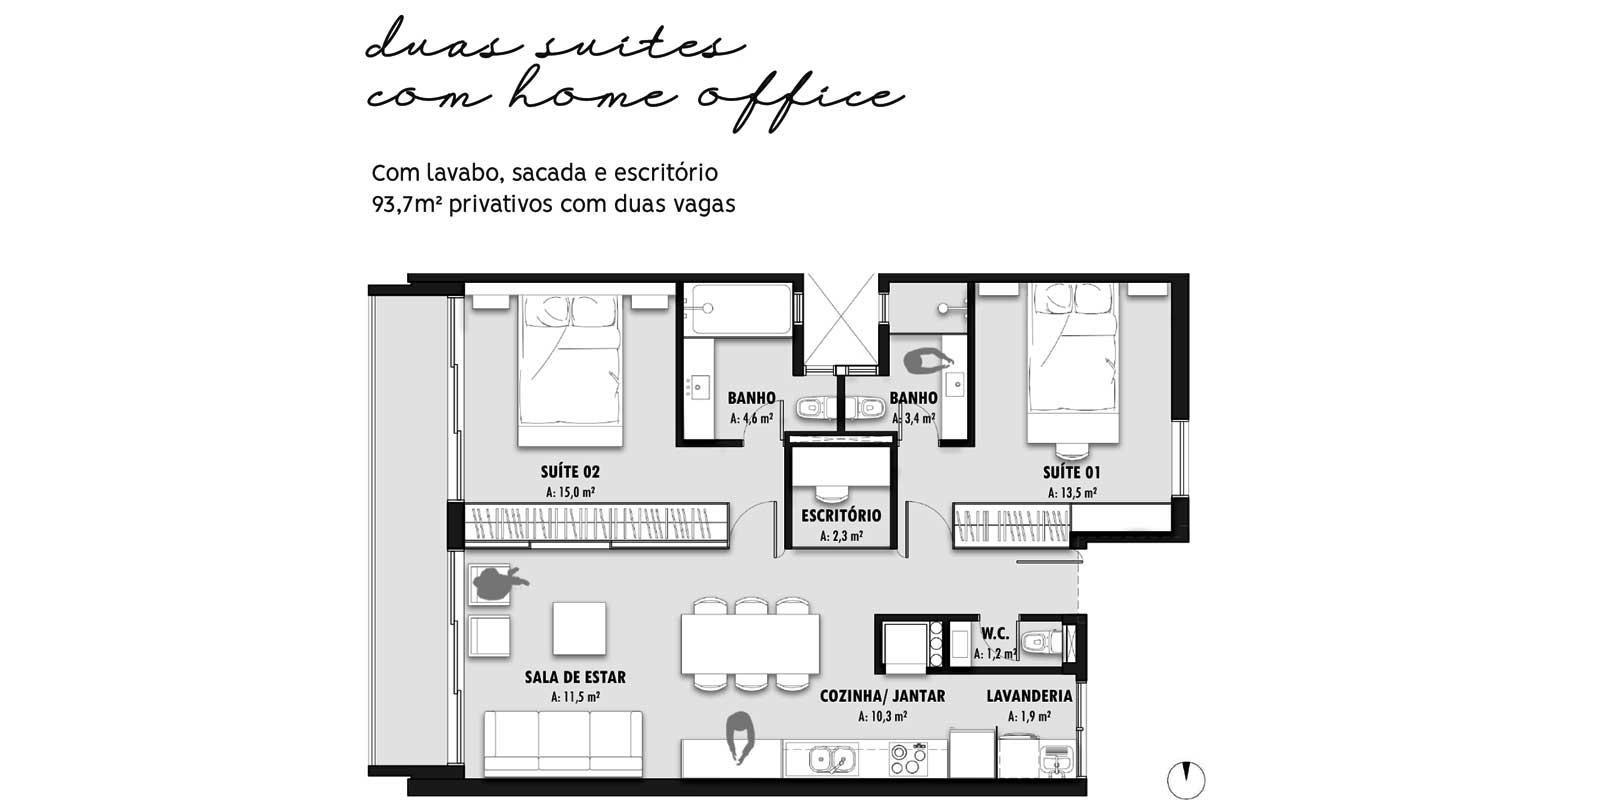 TPS Imóveis - Veja Foto 13 de 20 do Apartamentos com 1 ou 2 suítes com piscina na cobertura